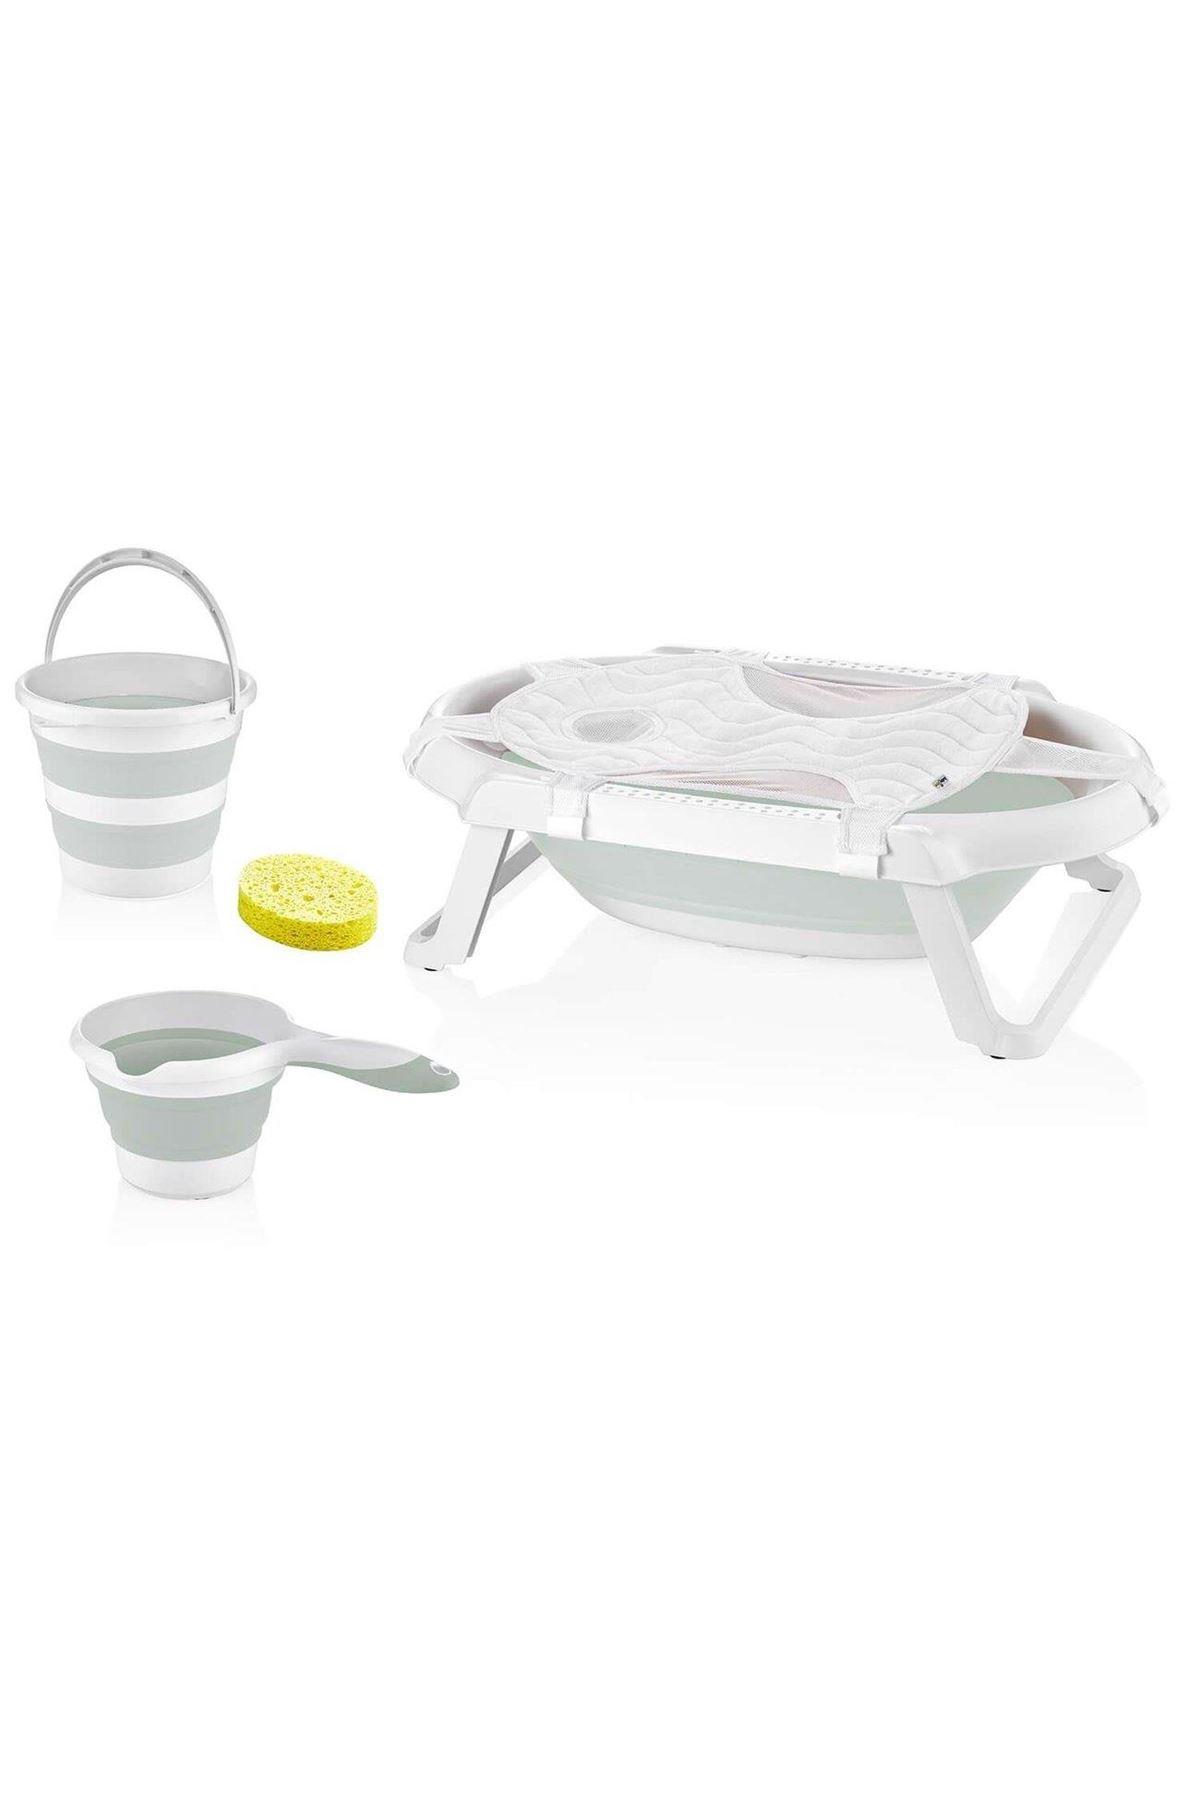 BabyJem Katlanabilen Bebek Banyo Küvet Seti 596 Gri